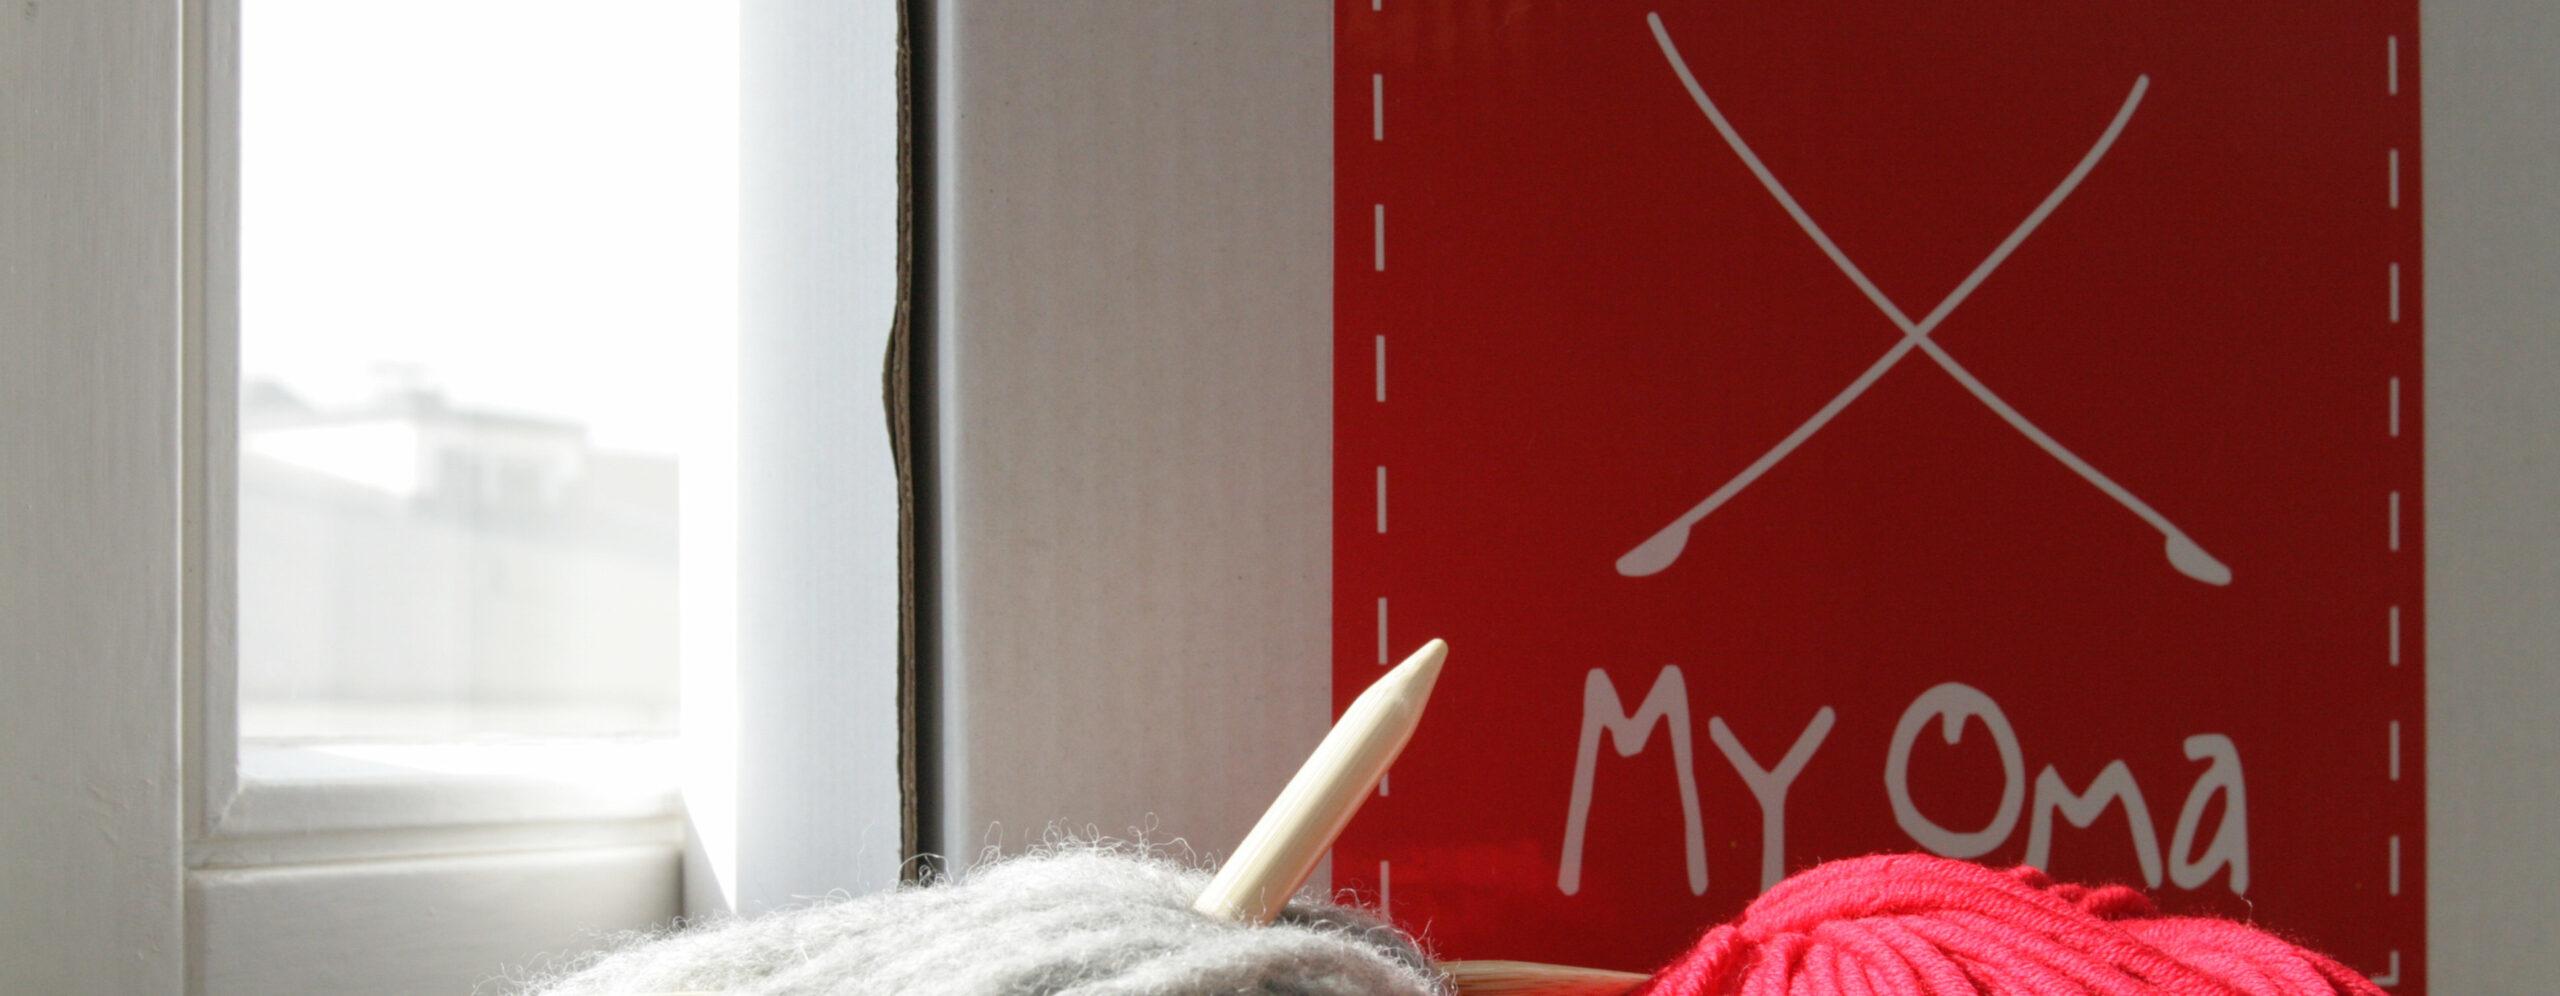 Logo von MyOma